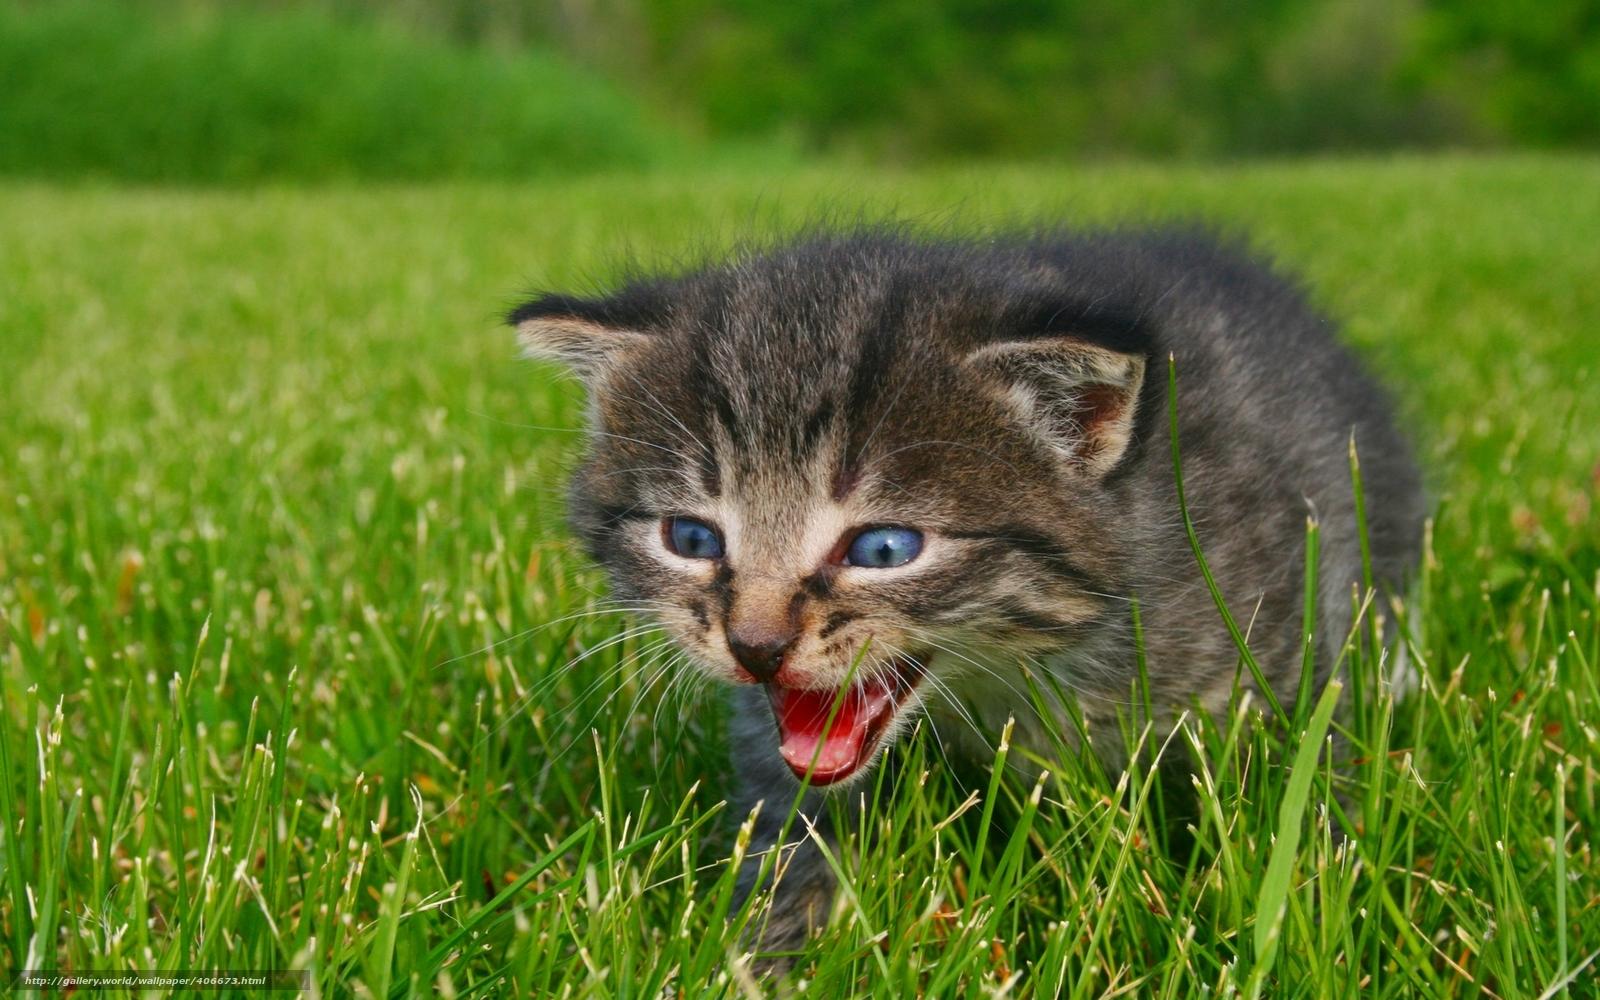 tlcharger fond d 39 ecran animaux chaton appeler pour maman nature fonds d 39 ecran gratuits pour. Black Bedroom Furniture Sets. Home Design Ideas